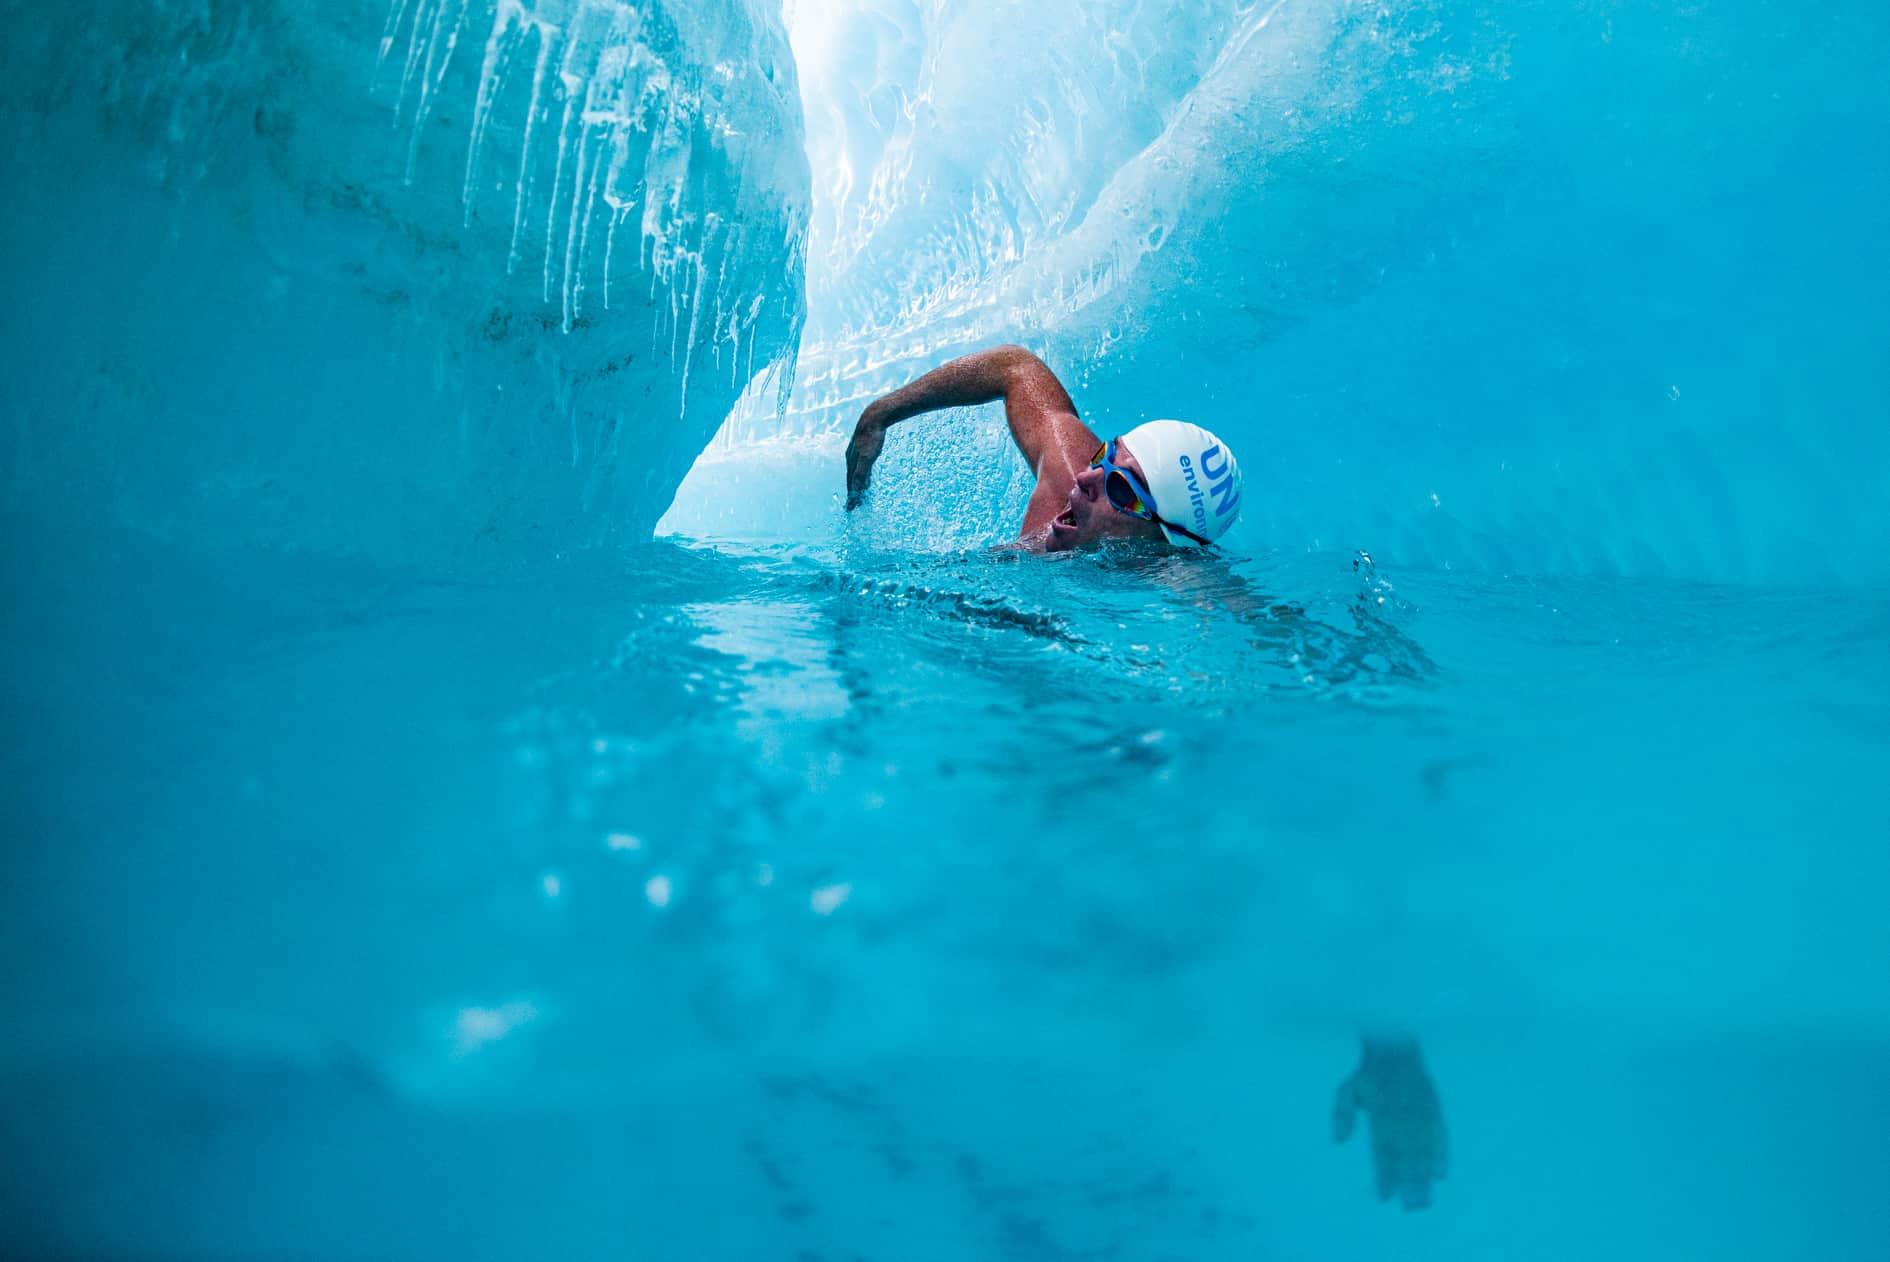 Lewis Pugh schwimmt in der Antarctis, um auf die Folgen des Klimawandels hinzuweisen.